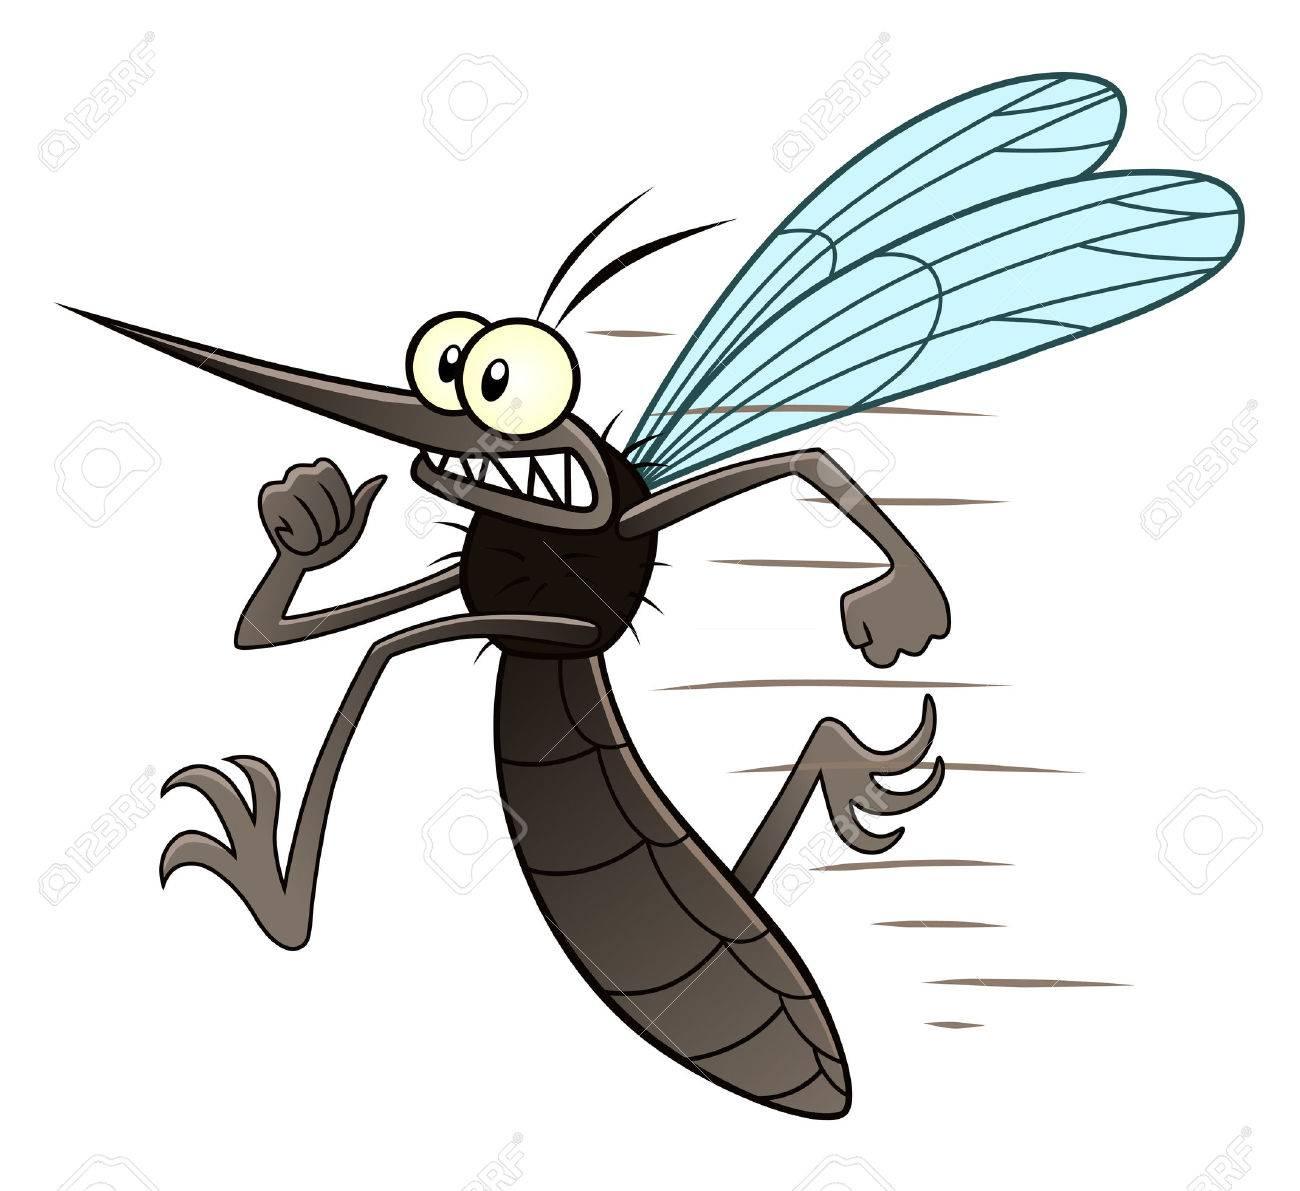 Running mosquito - 61670224